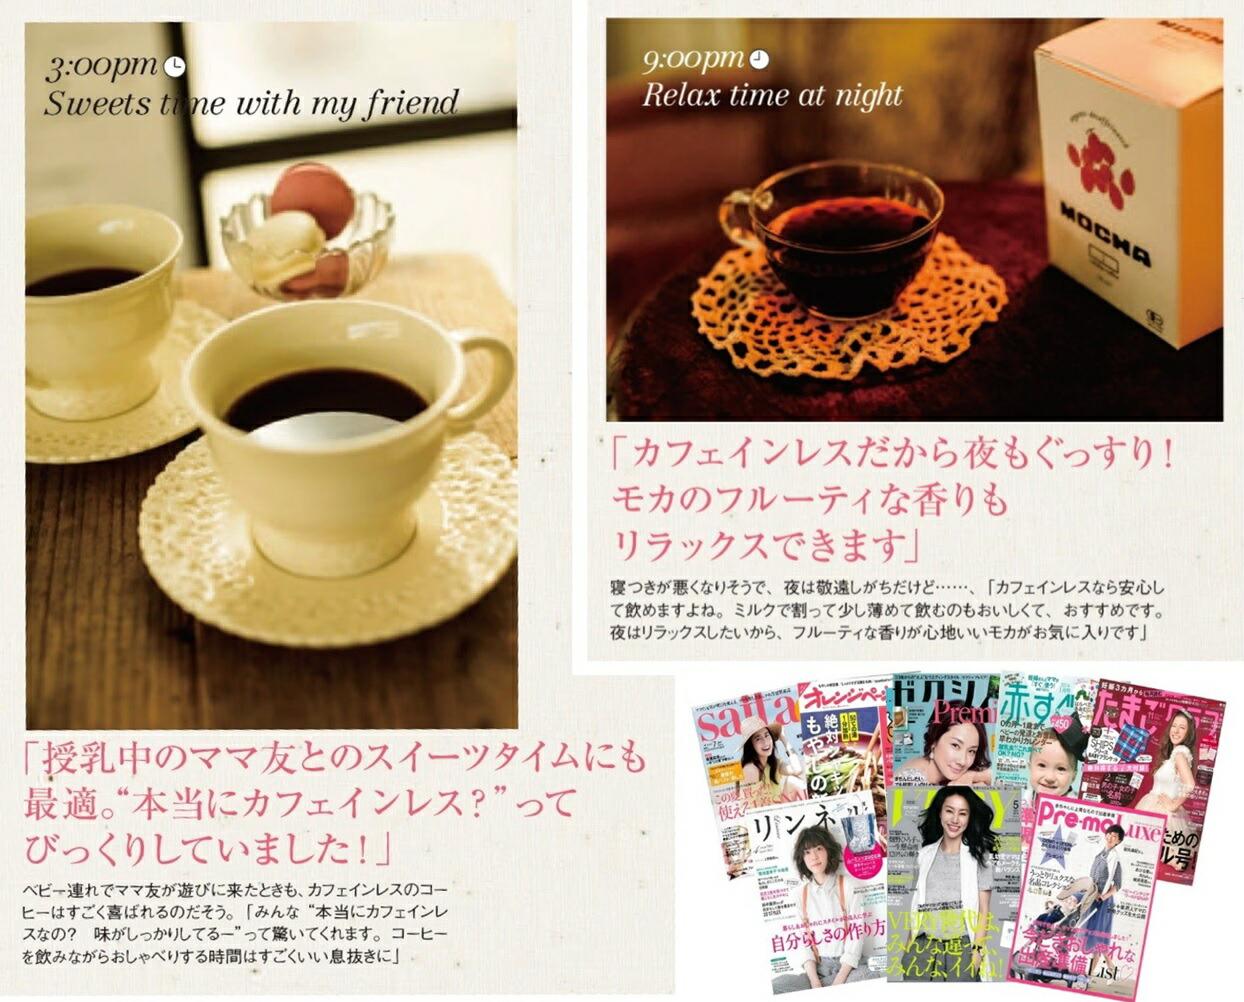 コトハコーヒーのカフェインレスコーヒーは、雑誌でも多数紹介されています。